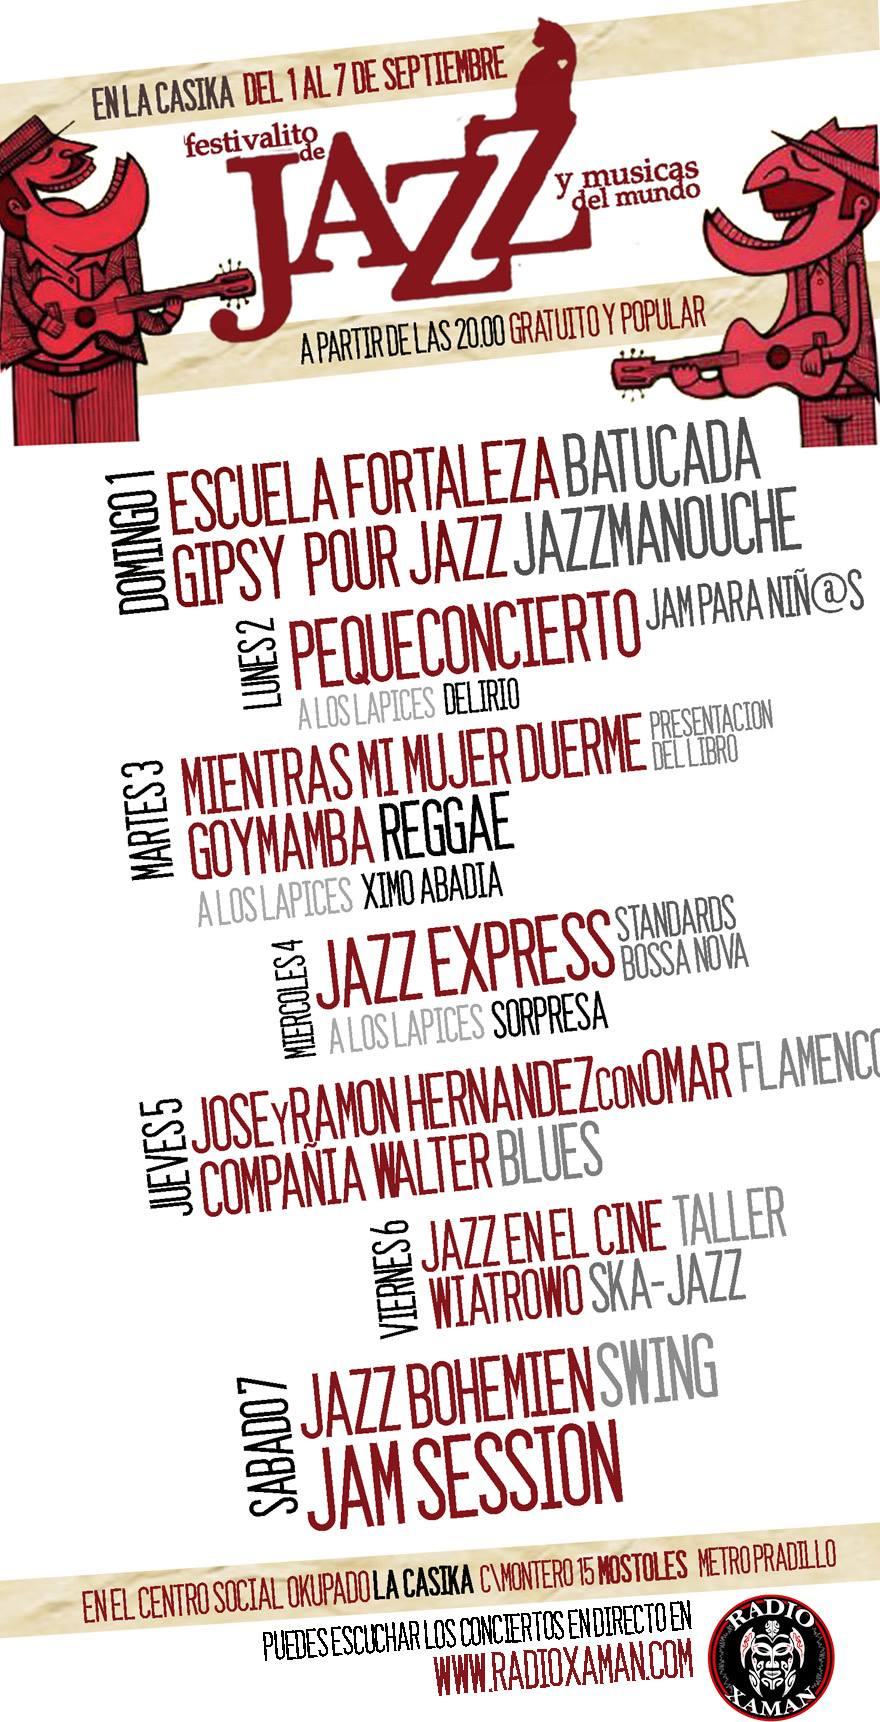 Segundo Festivalito de Jazz y Músicas del Mundo - del 1 al 7 de septiembre 2013 en laCasika Móstoles